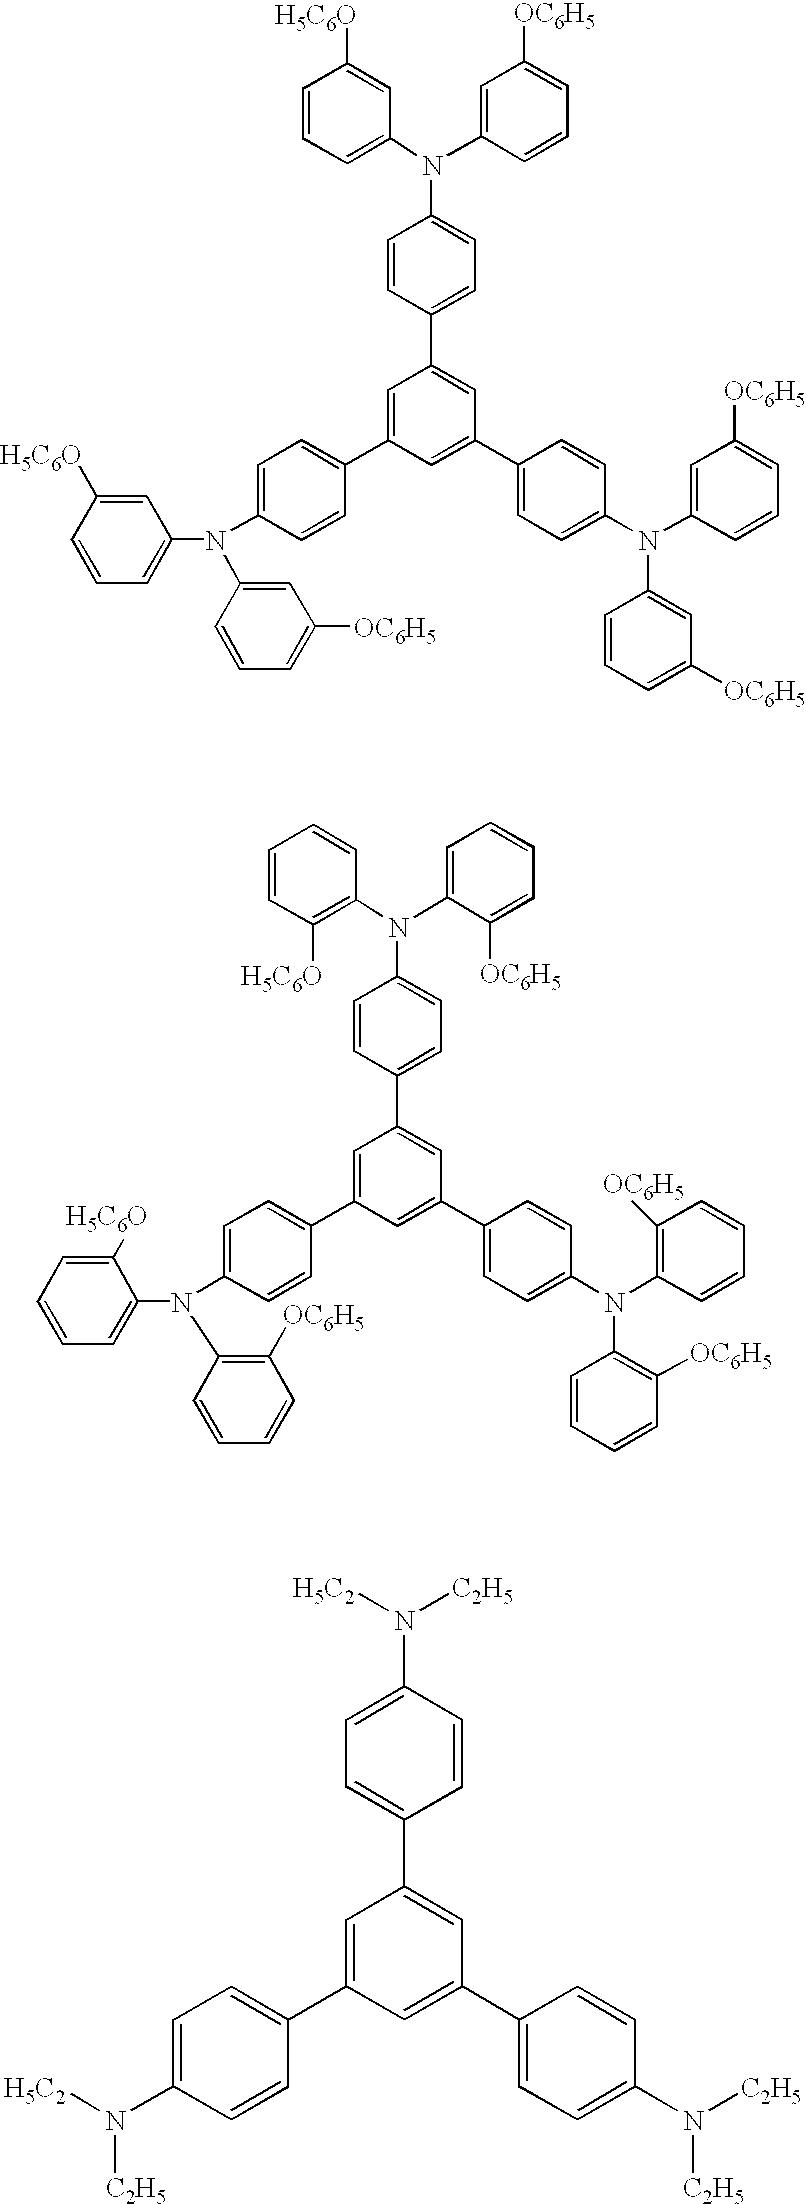 Figure US06541128-20030401-C00054